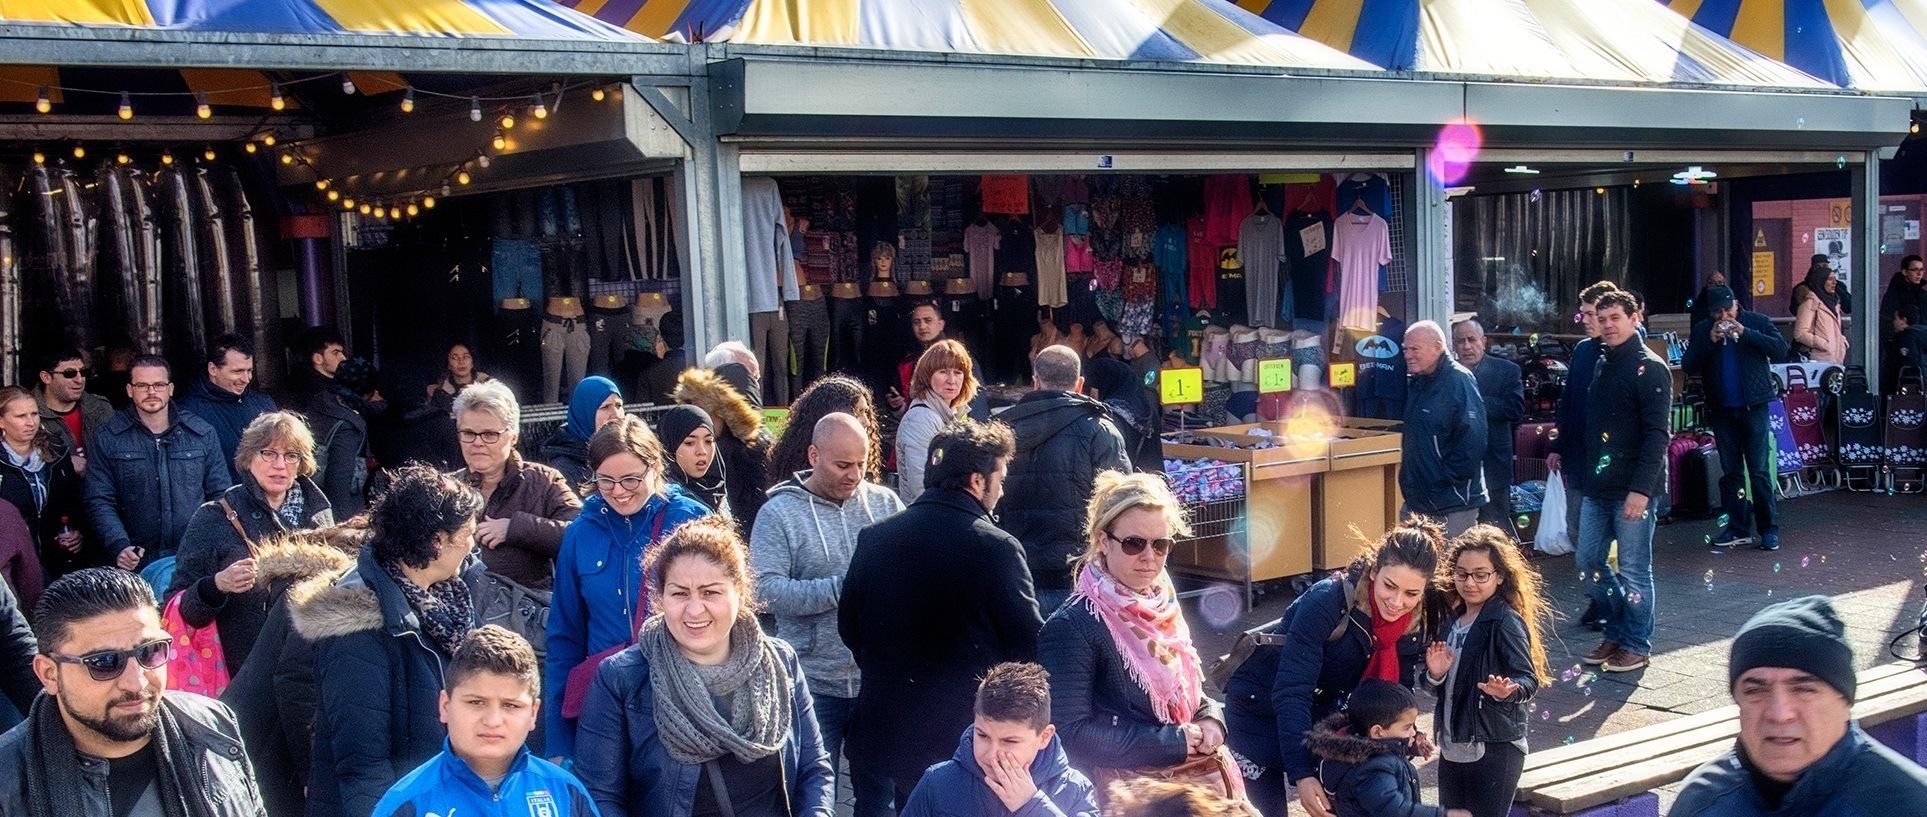 Boulevard van De Bazaar